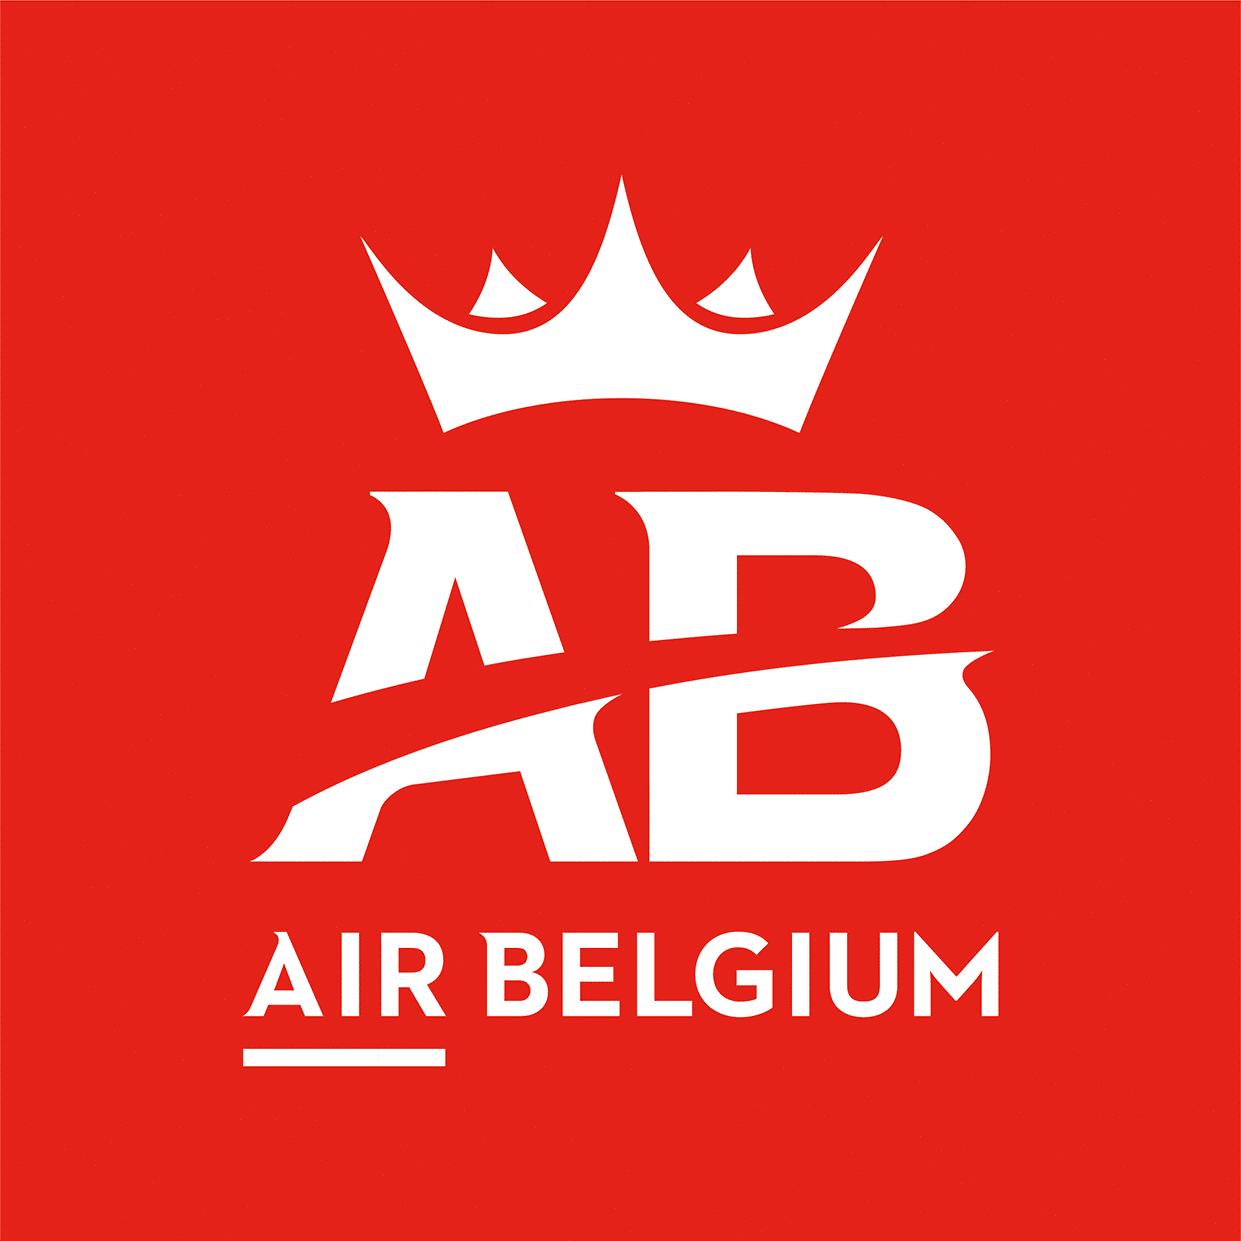 AIR BELGIUM_LOGO_square_red-CORPO_21x21cm_RGB